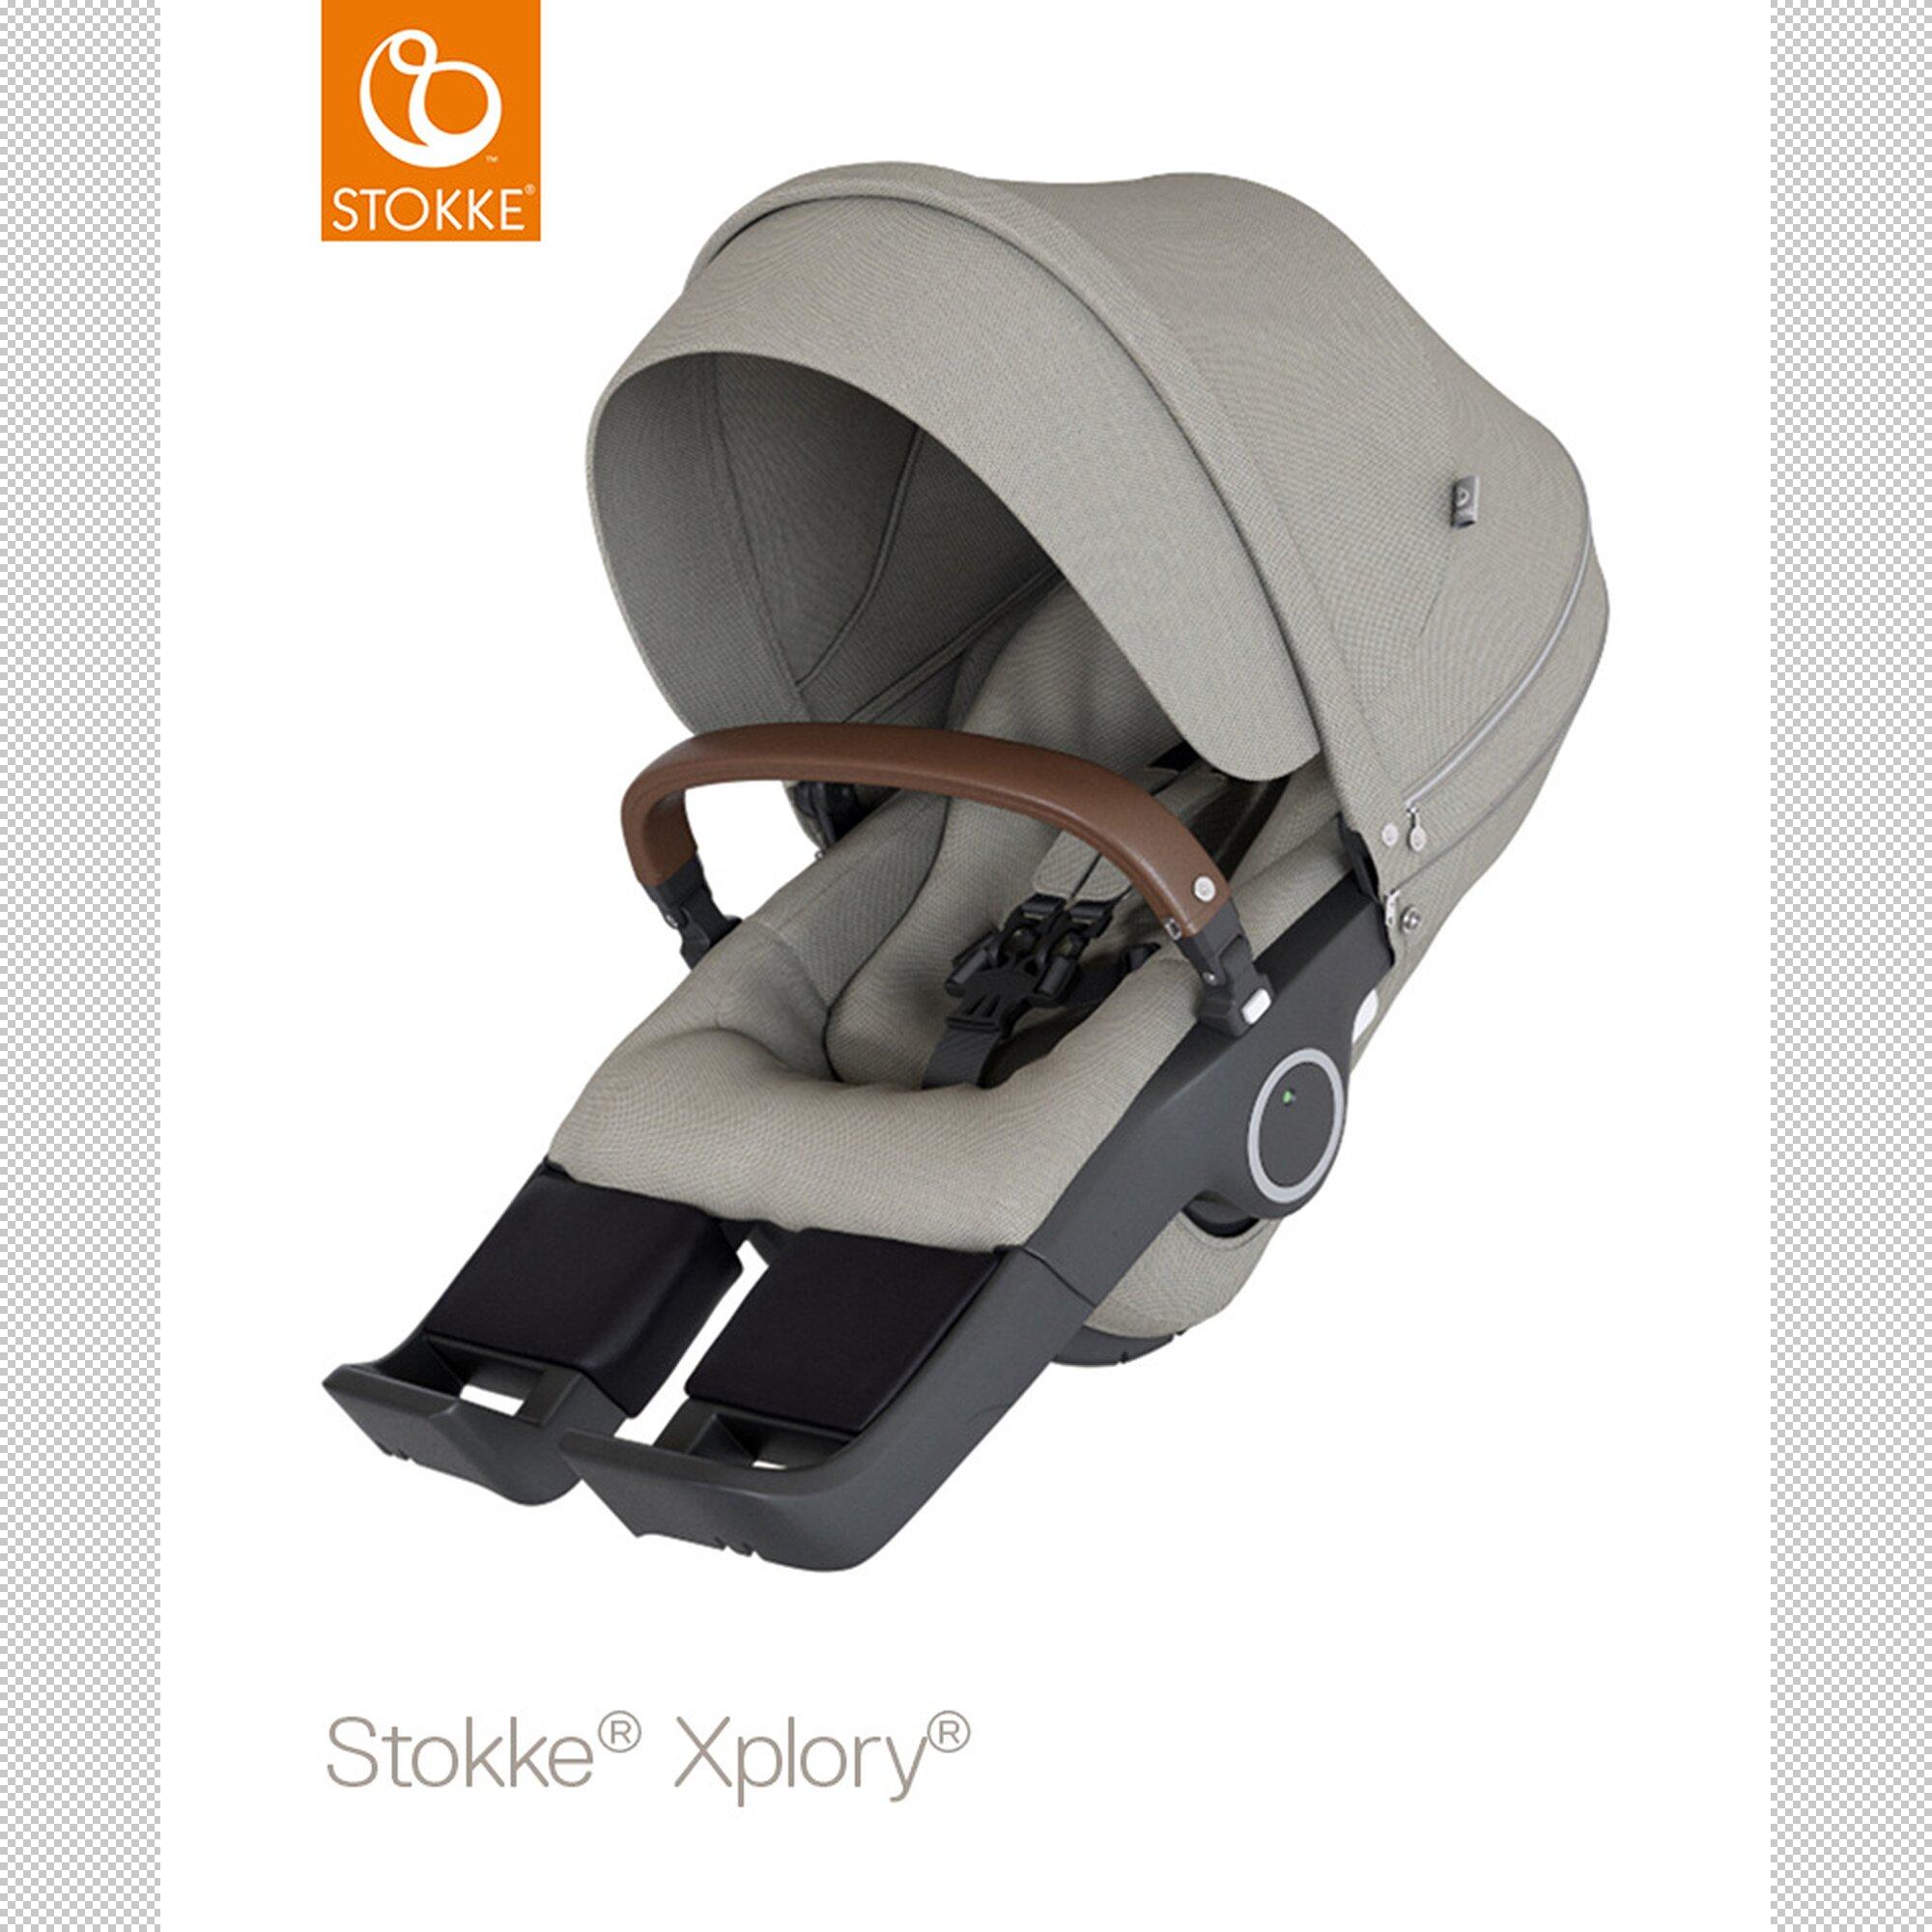 stokke-sitzaufsatz-fur-xplory-v6-design-2018-grau